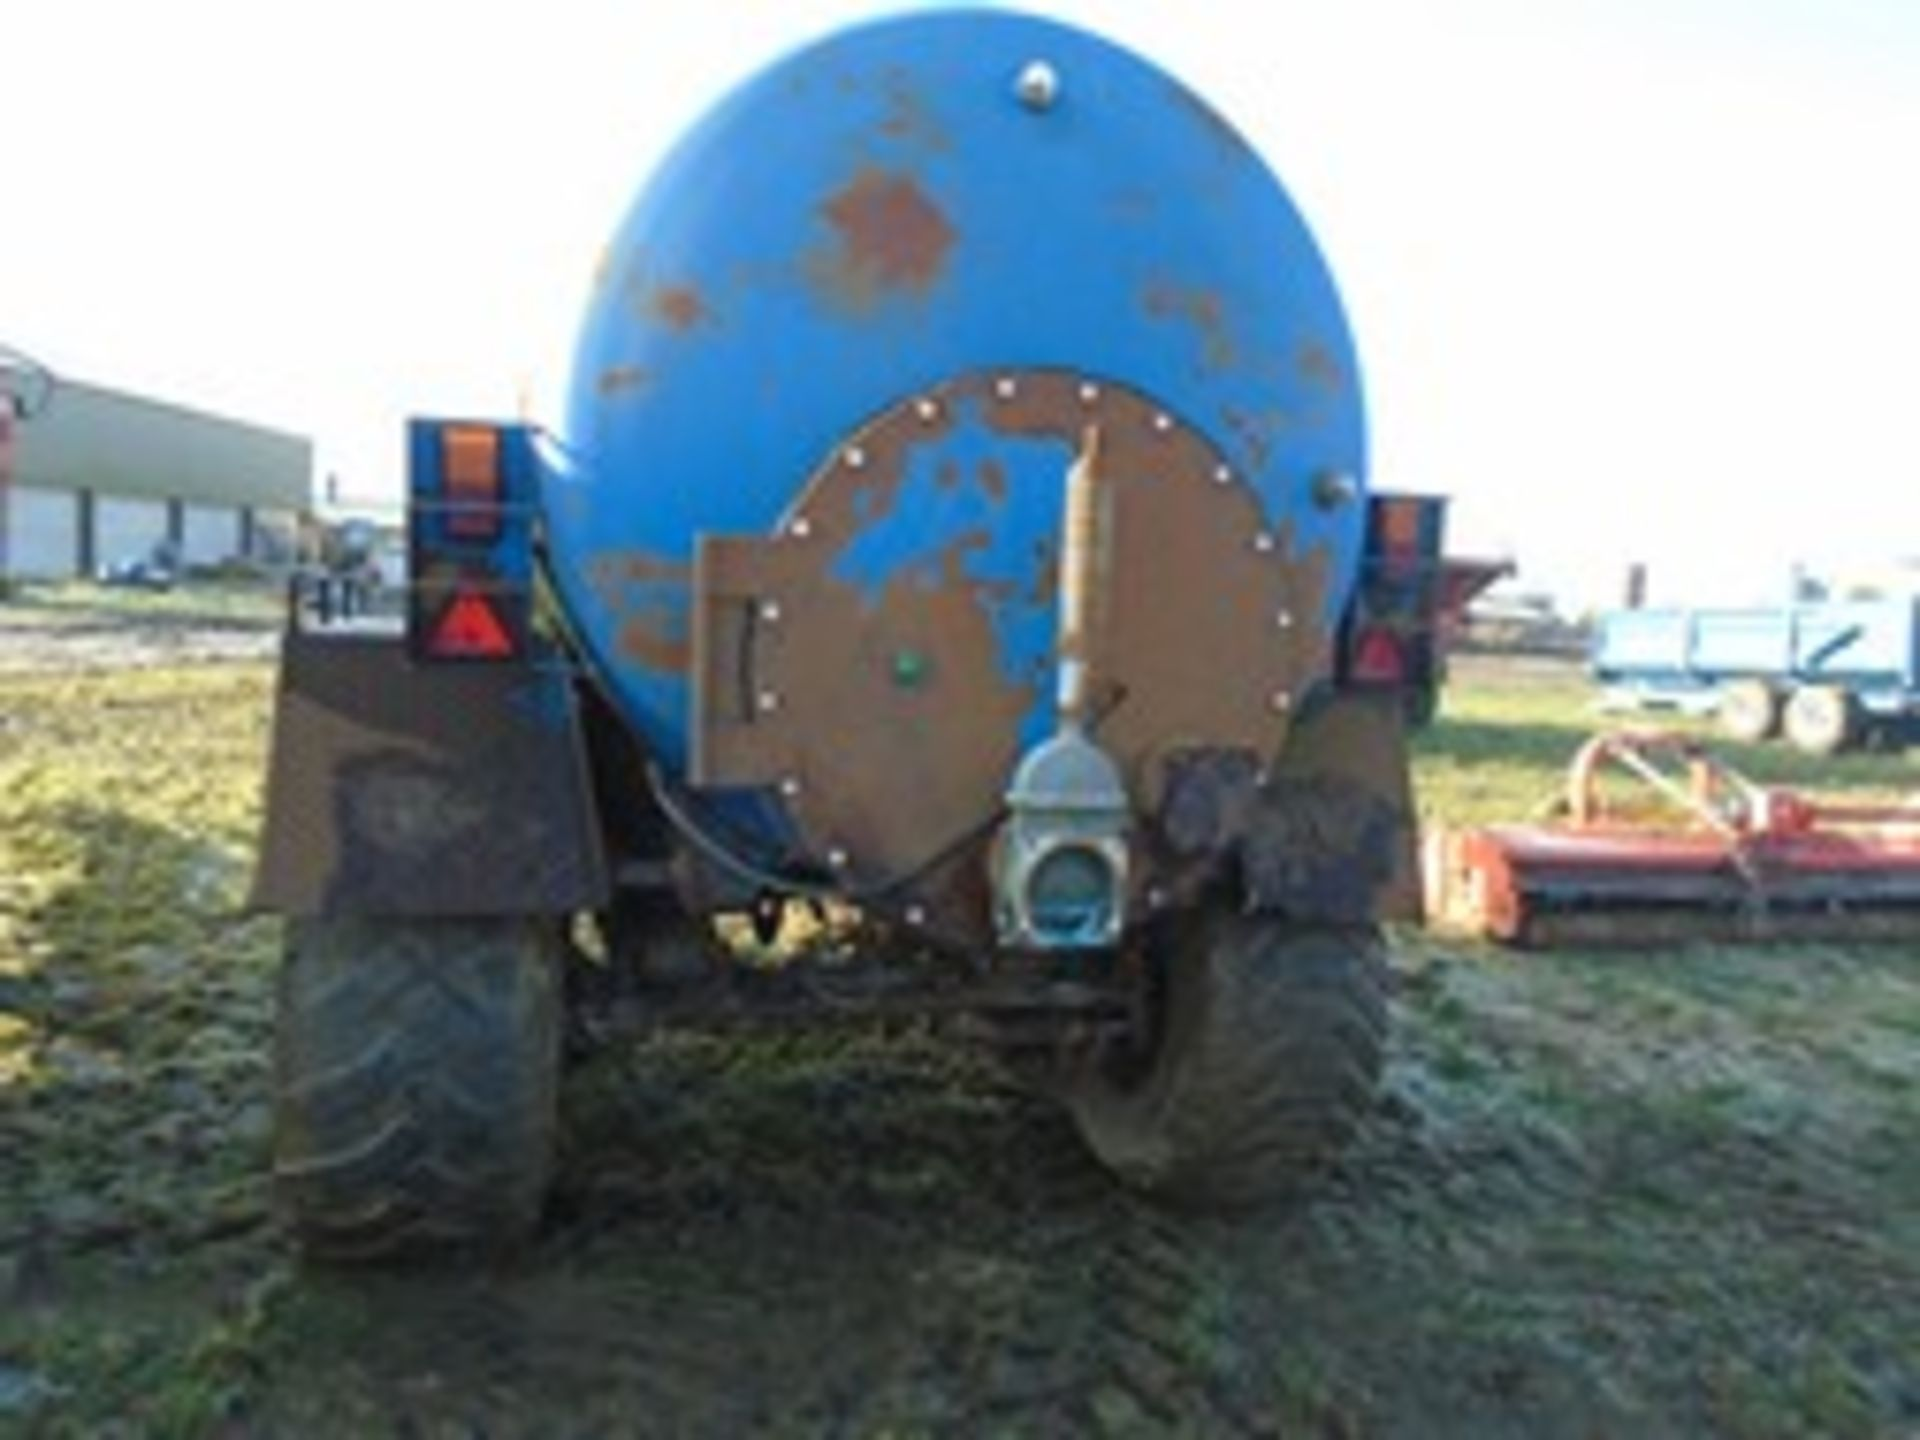 Lot 41 - Twin axle slurry tanker